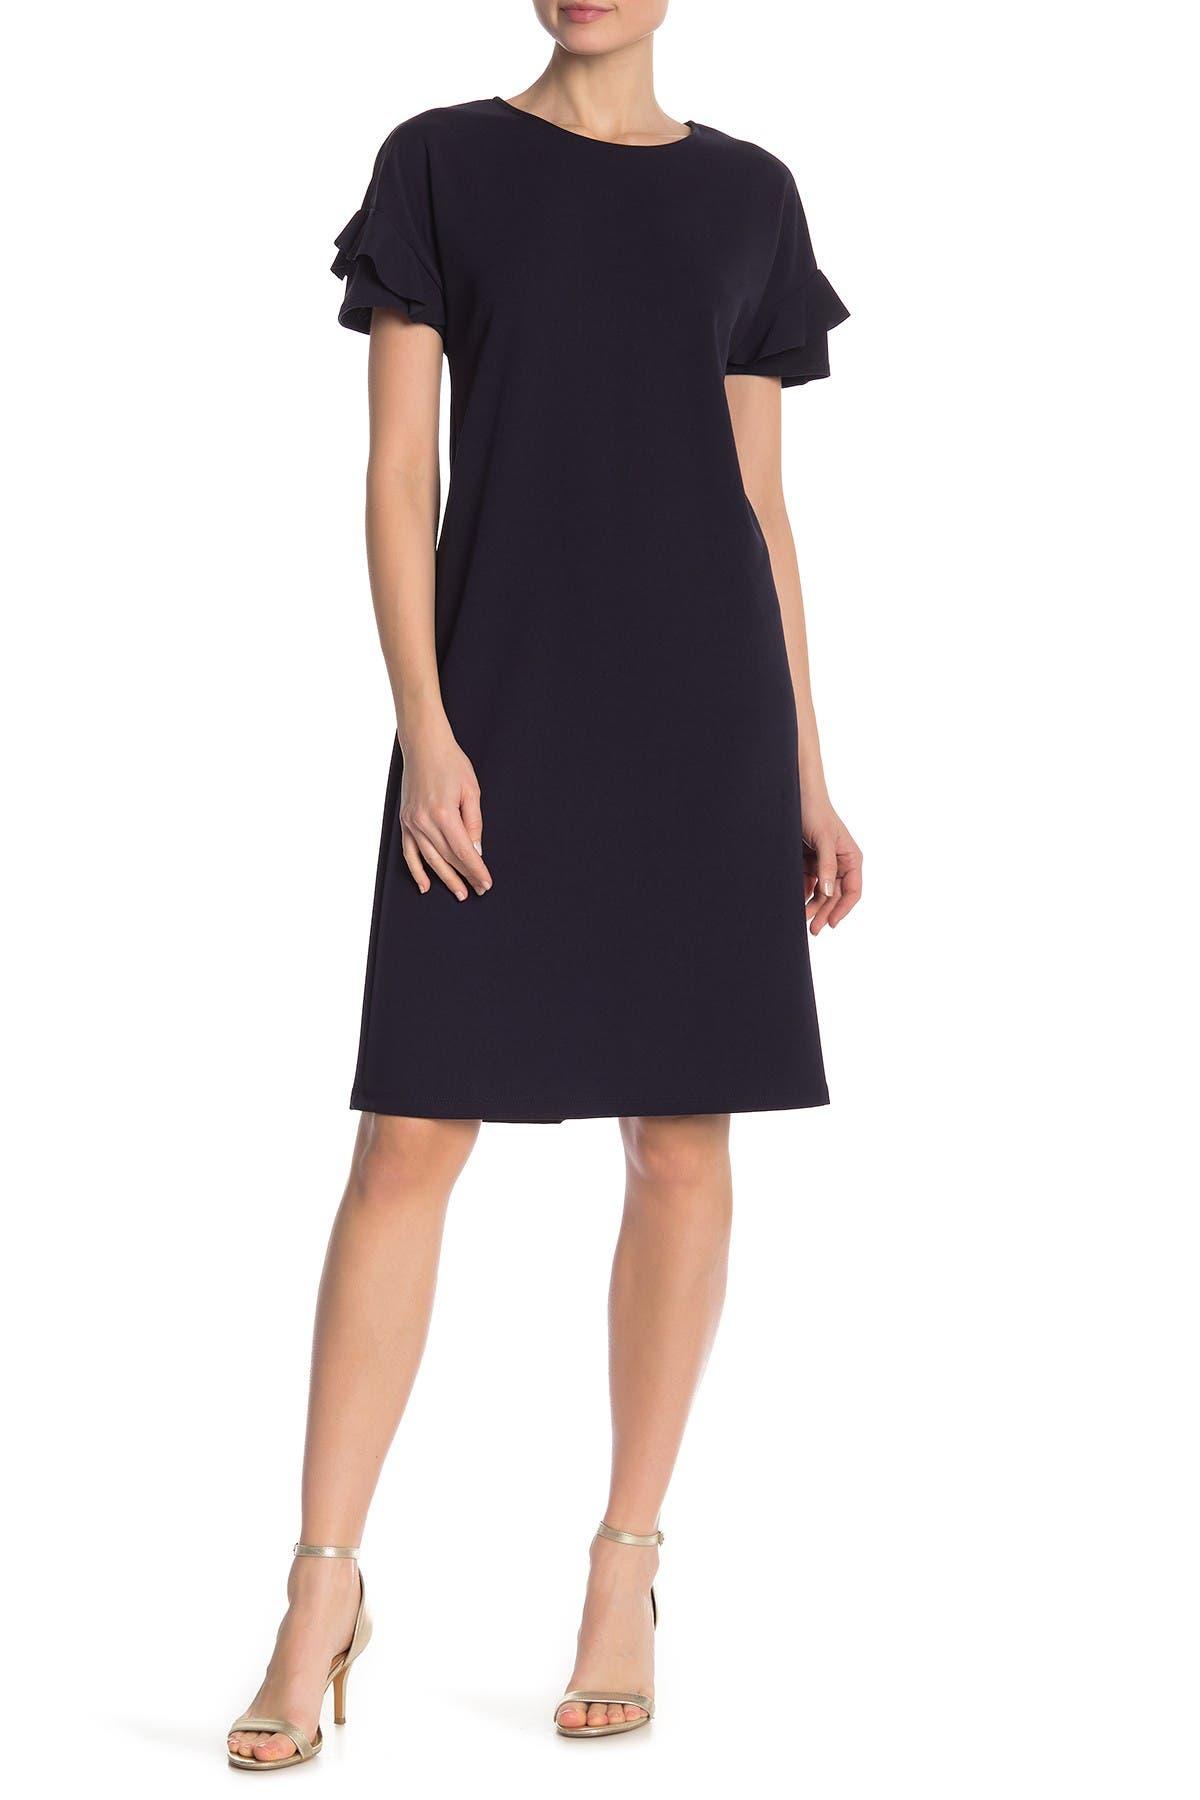 Image of TASH + SOPHIE Drop Shoulder Layered Sleeve Shift Dress